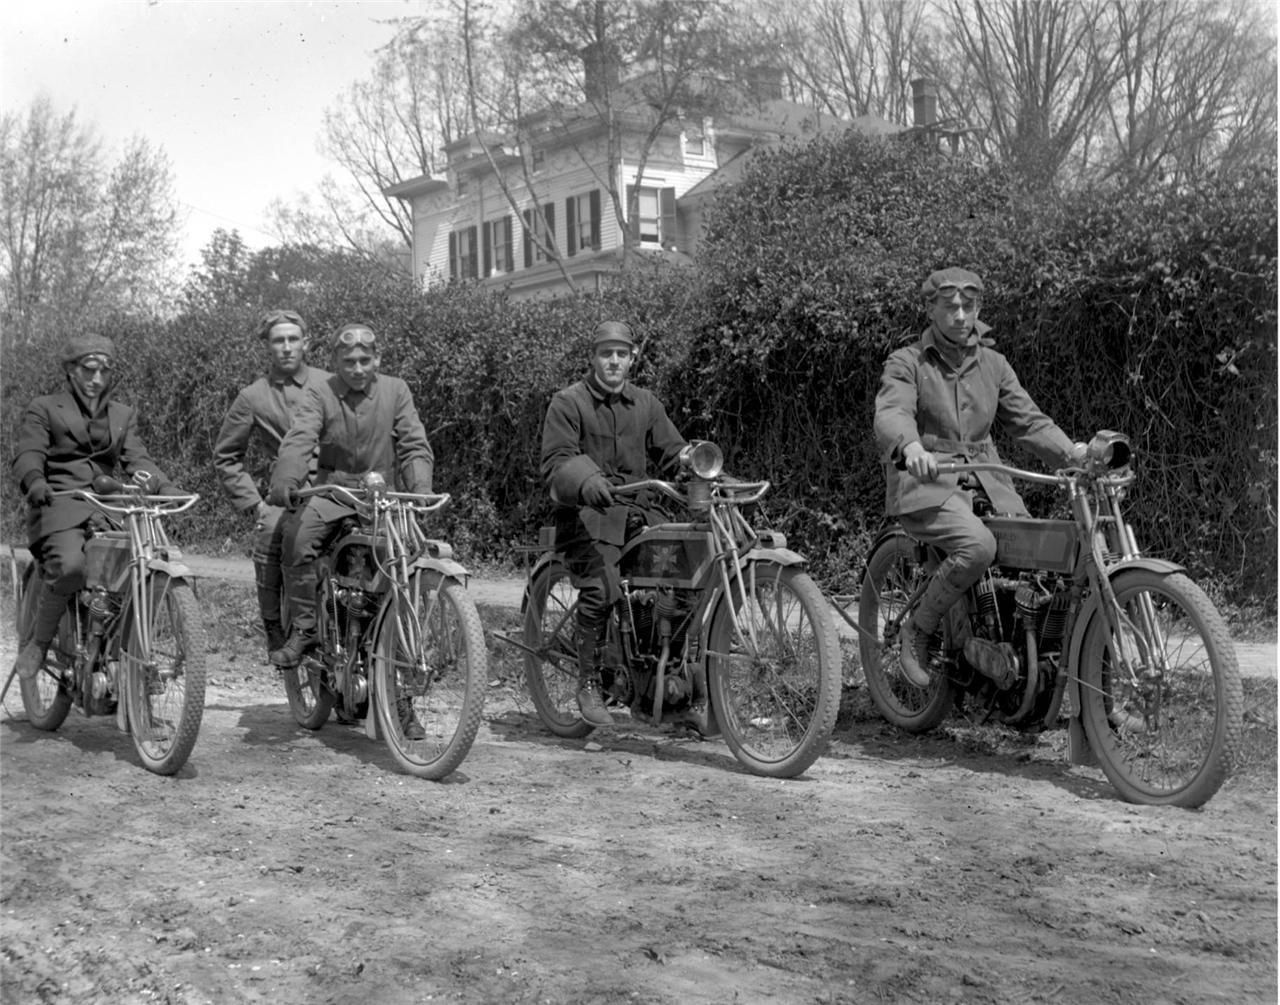 Harley Davidson: Vintage Harley Davidson Excelsior V Twin Engine Motorcycle